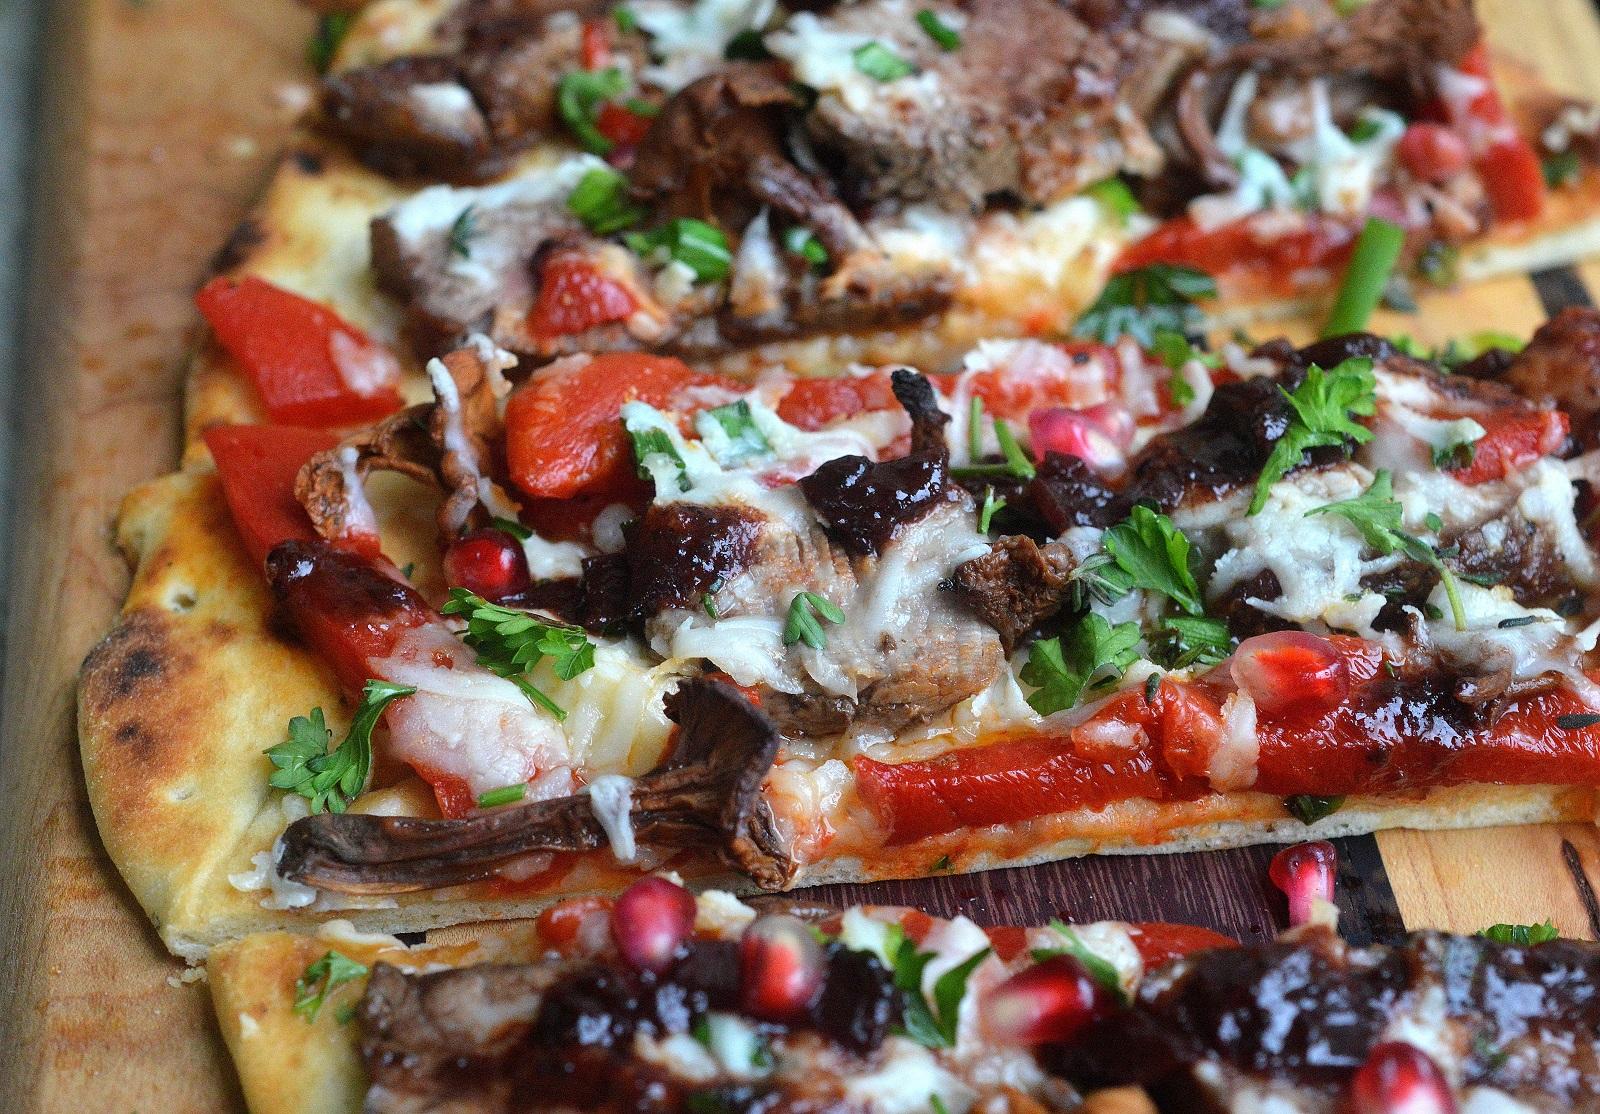 Loaded Steak, Mushroom & Roasted Red Pepper Flatbread